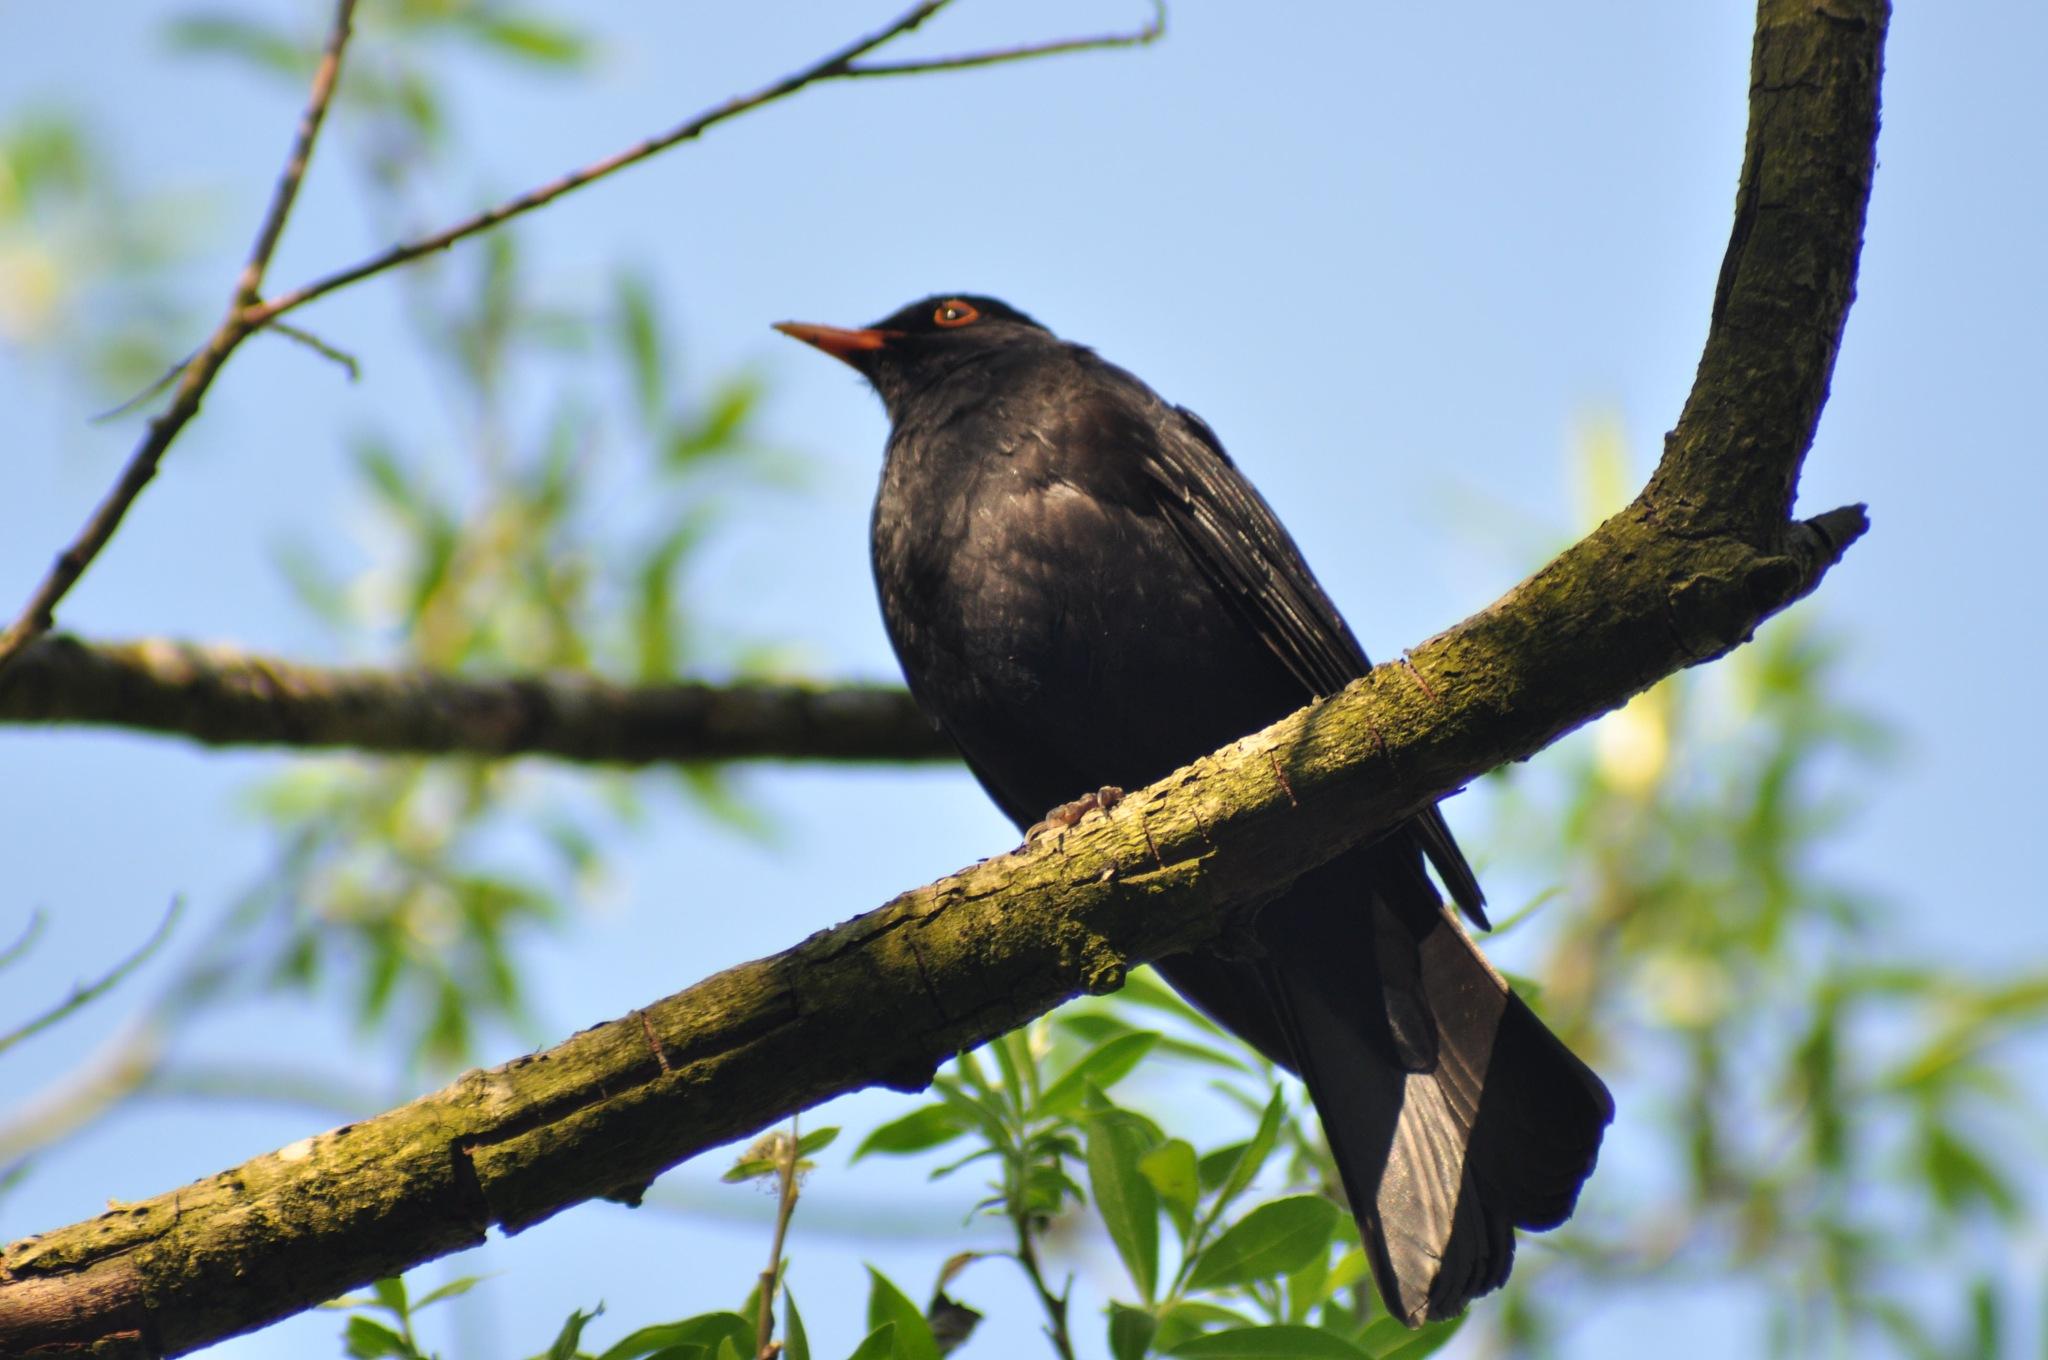 Blackbird by Dag Olav Øverland